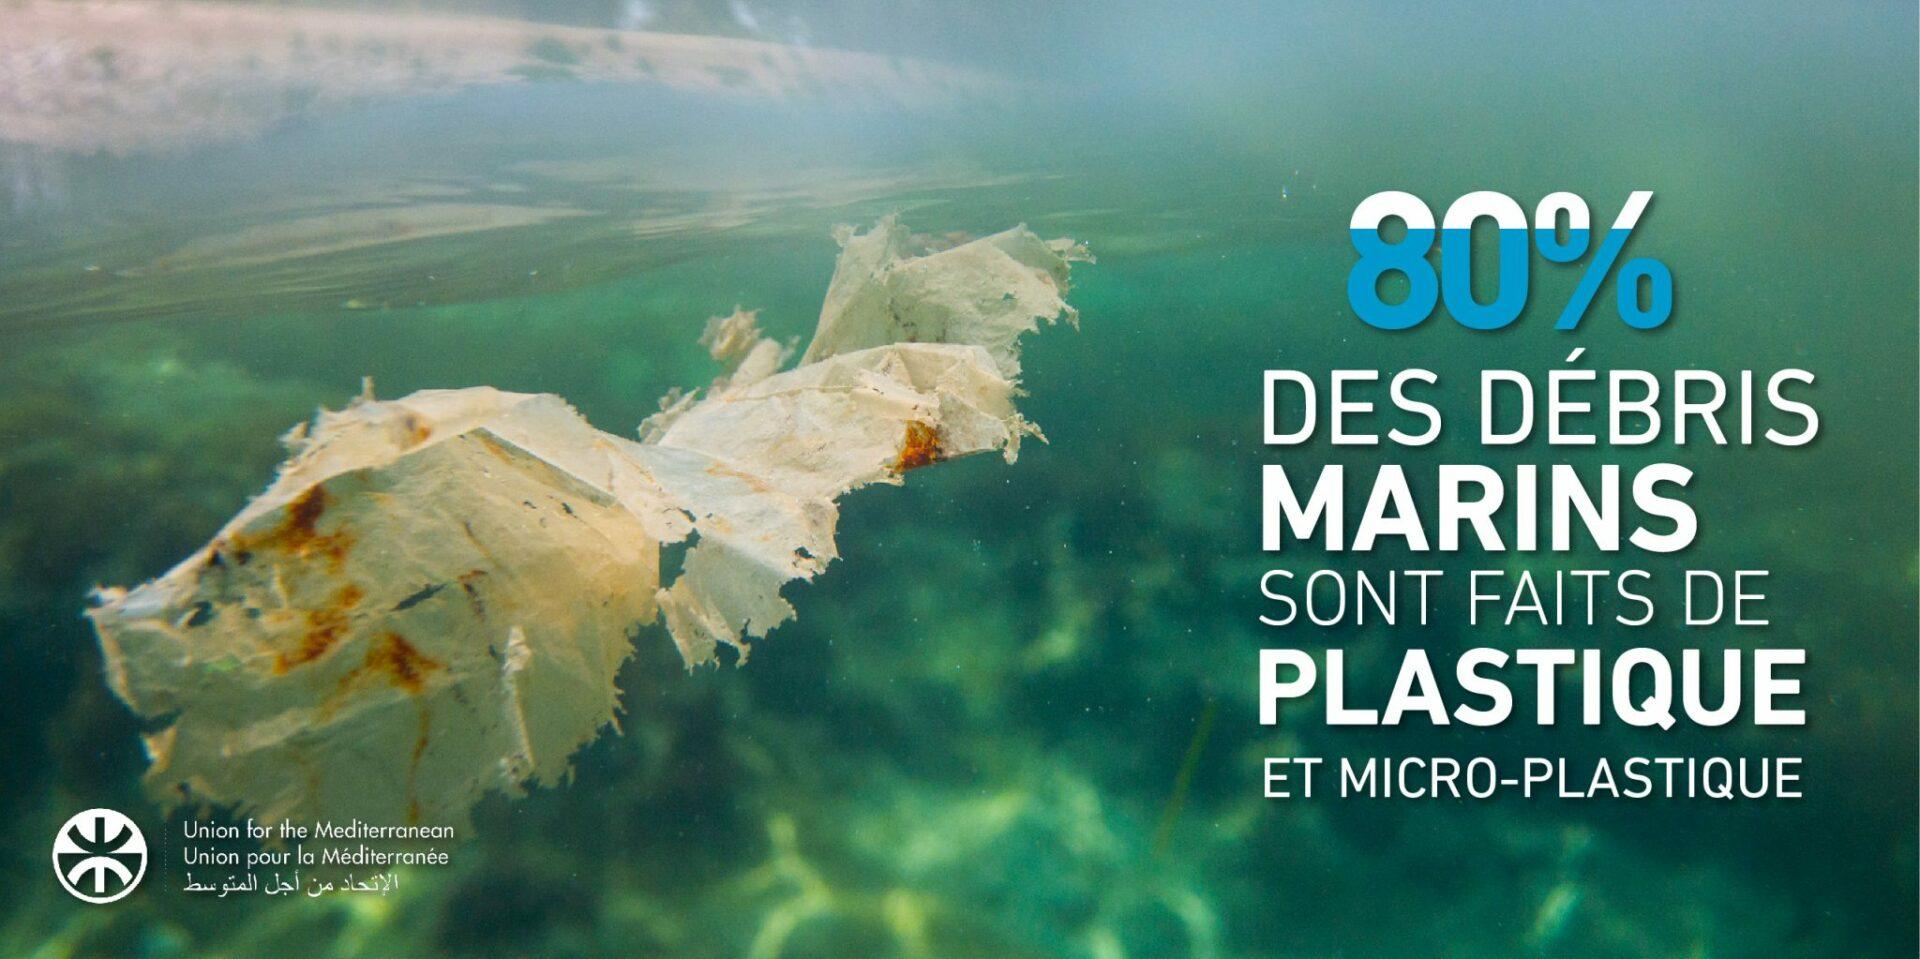 Chasseurs de plastique en Méditerranée